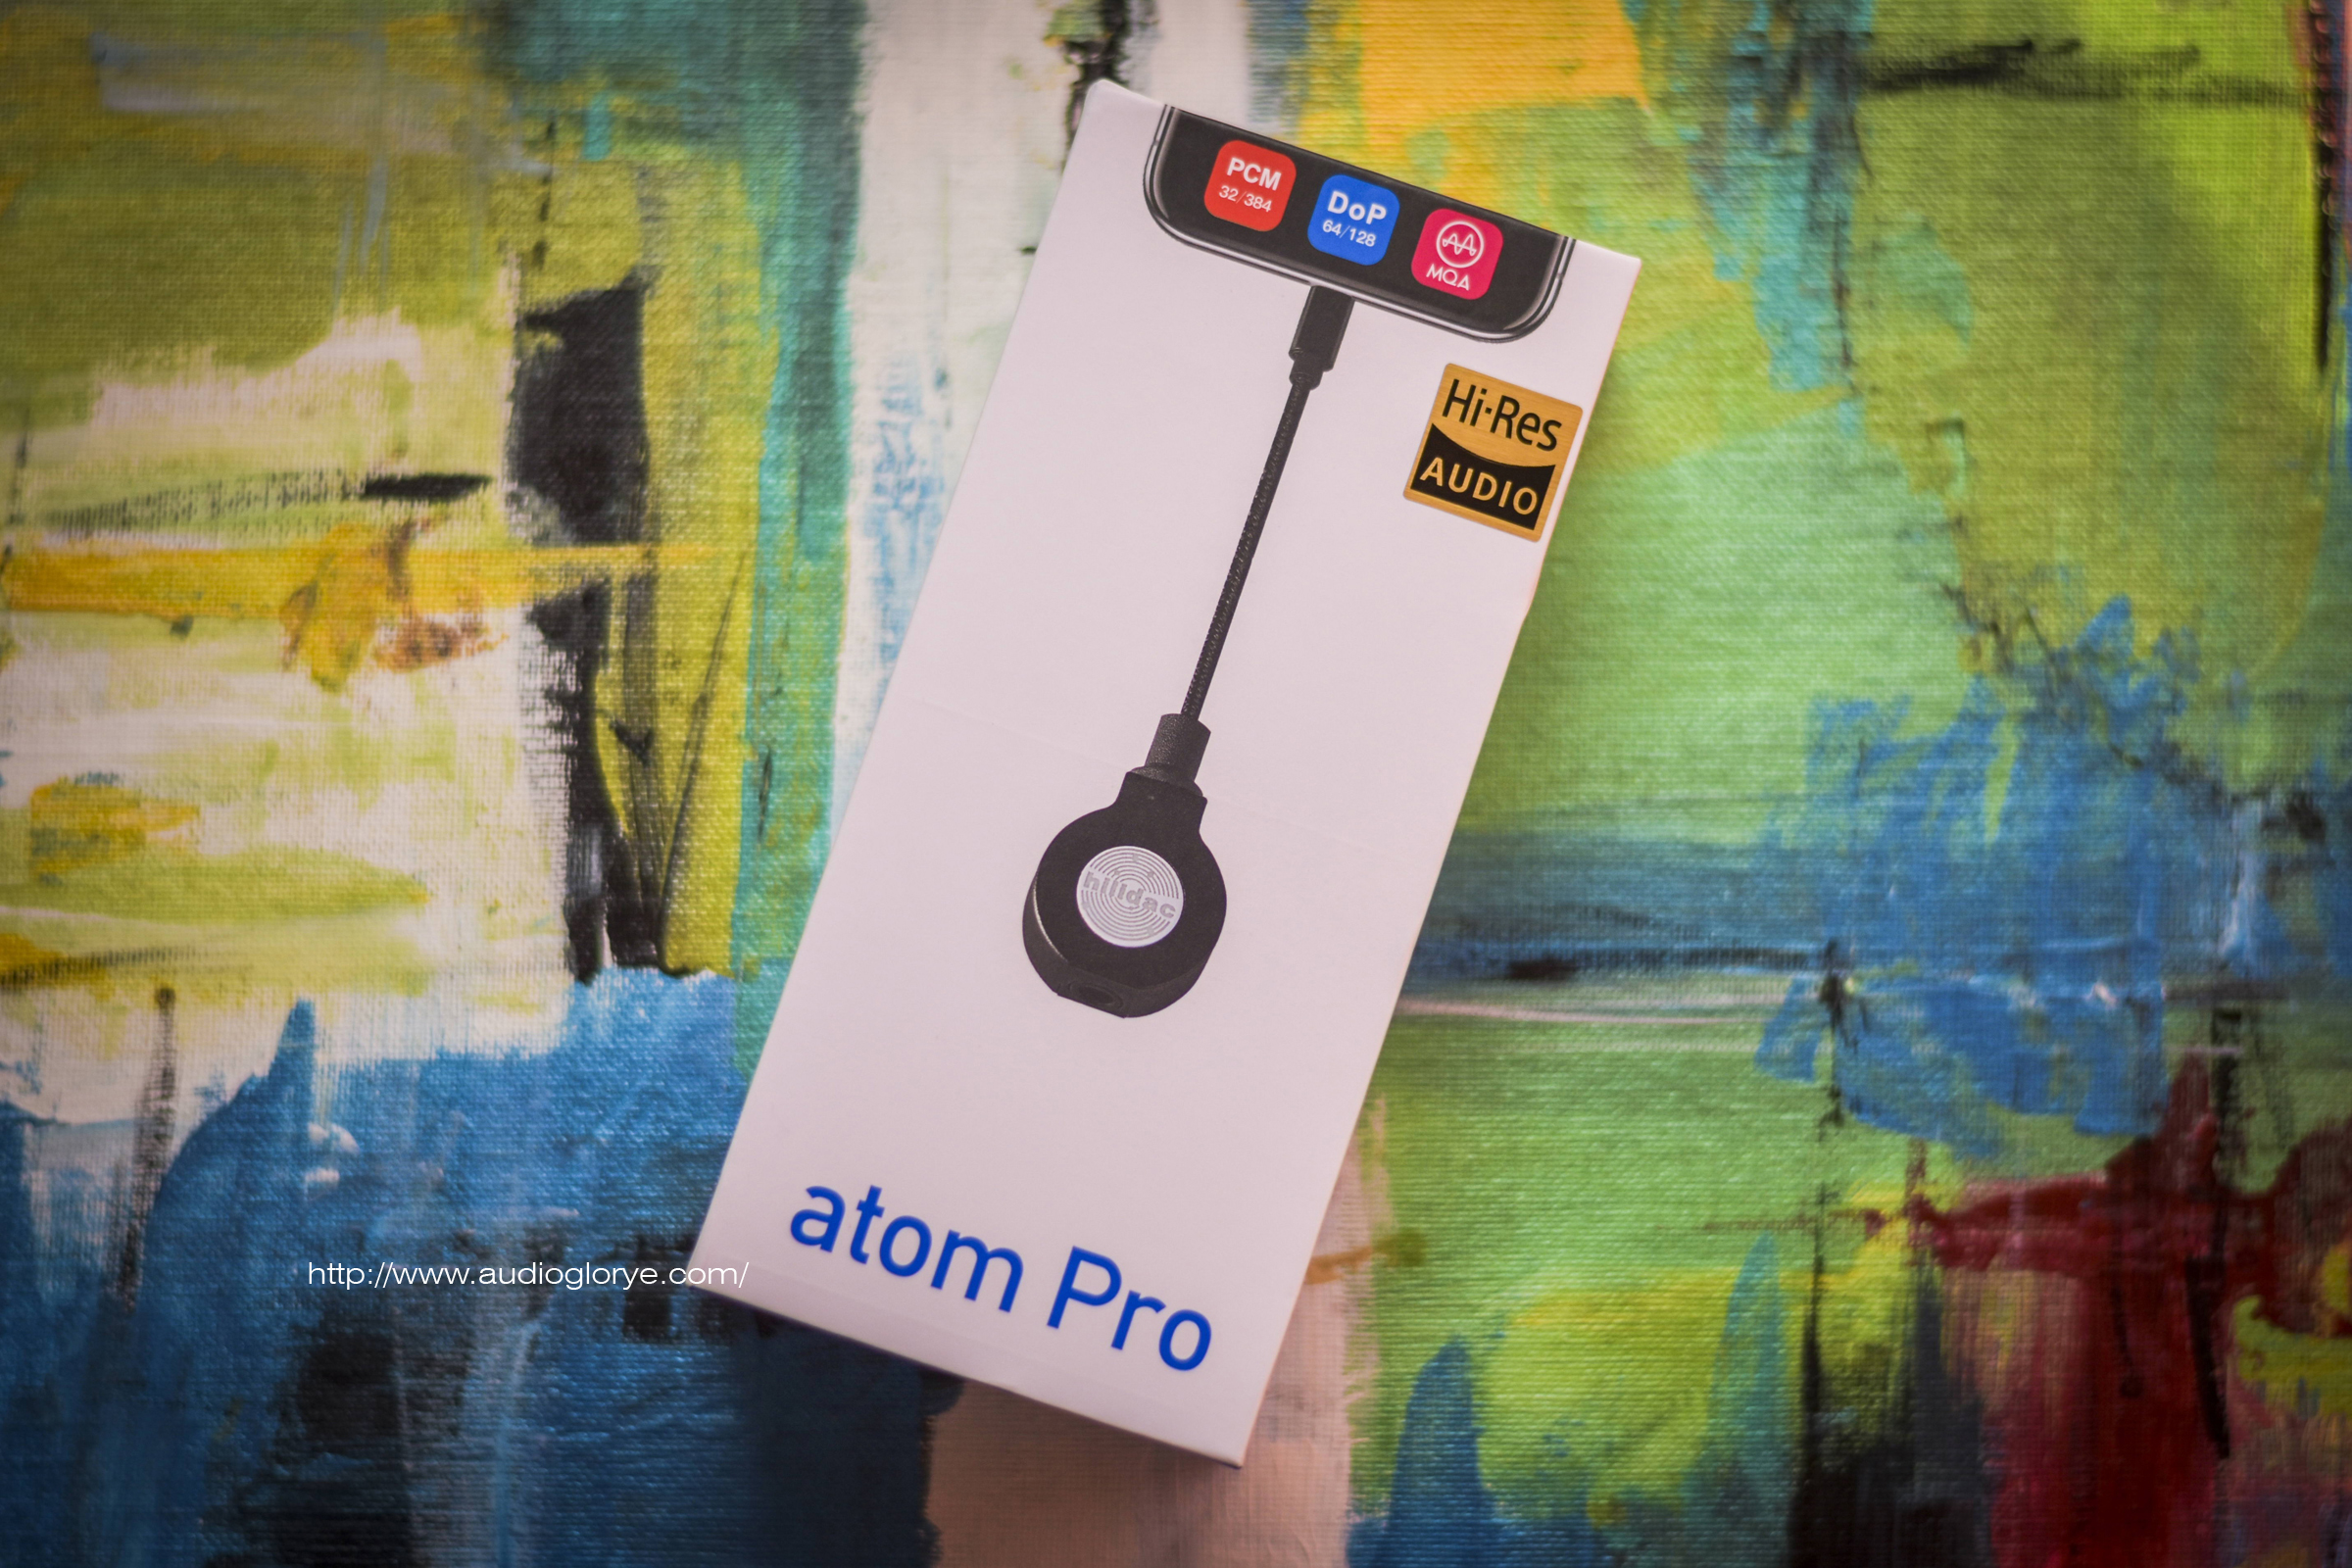 Audirect Atom Pro